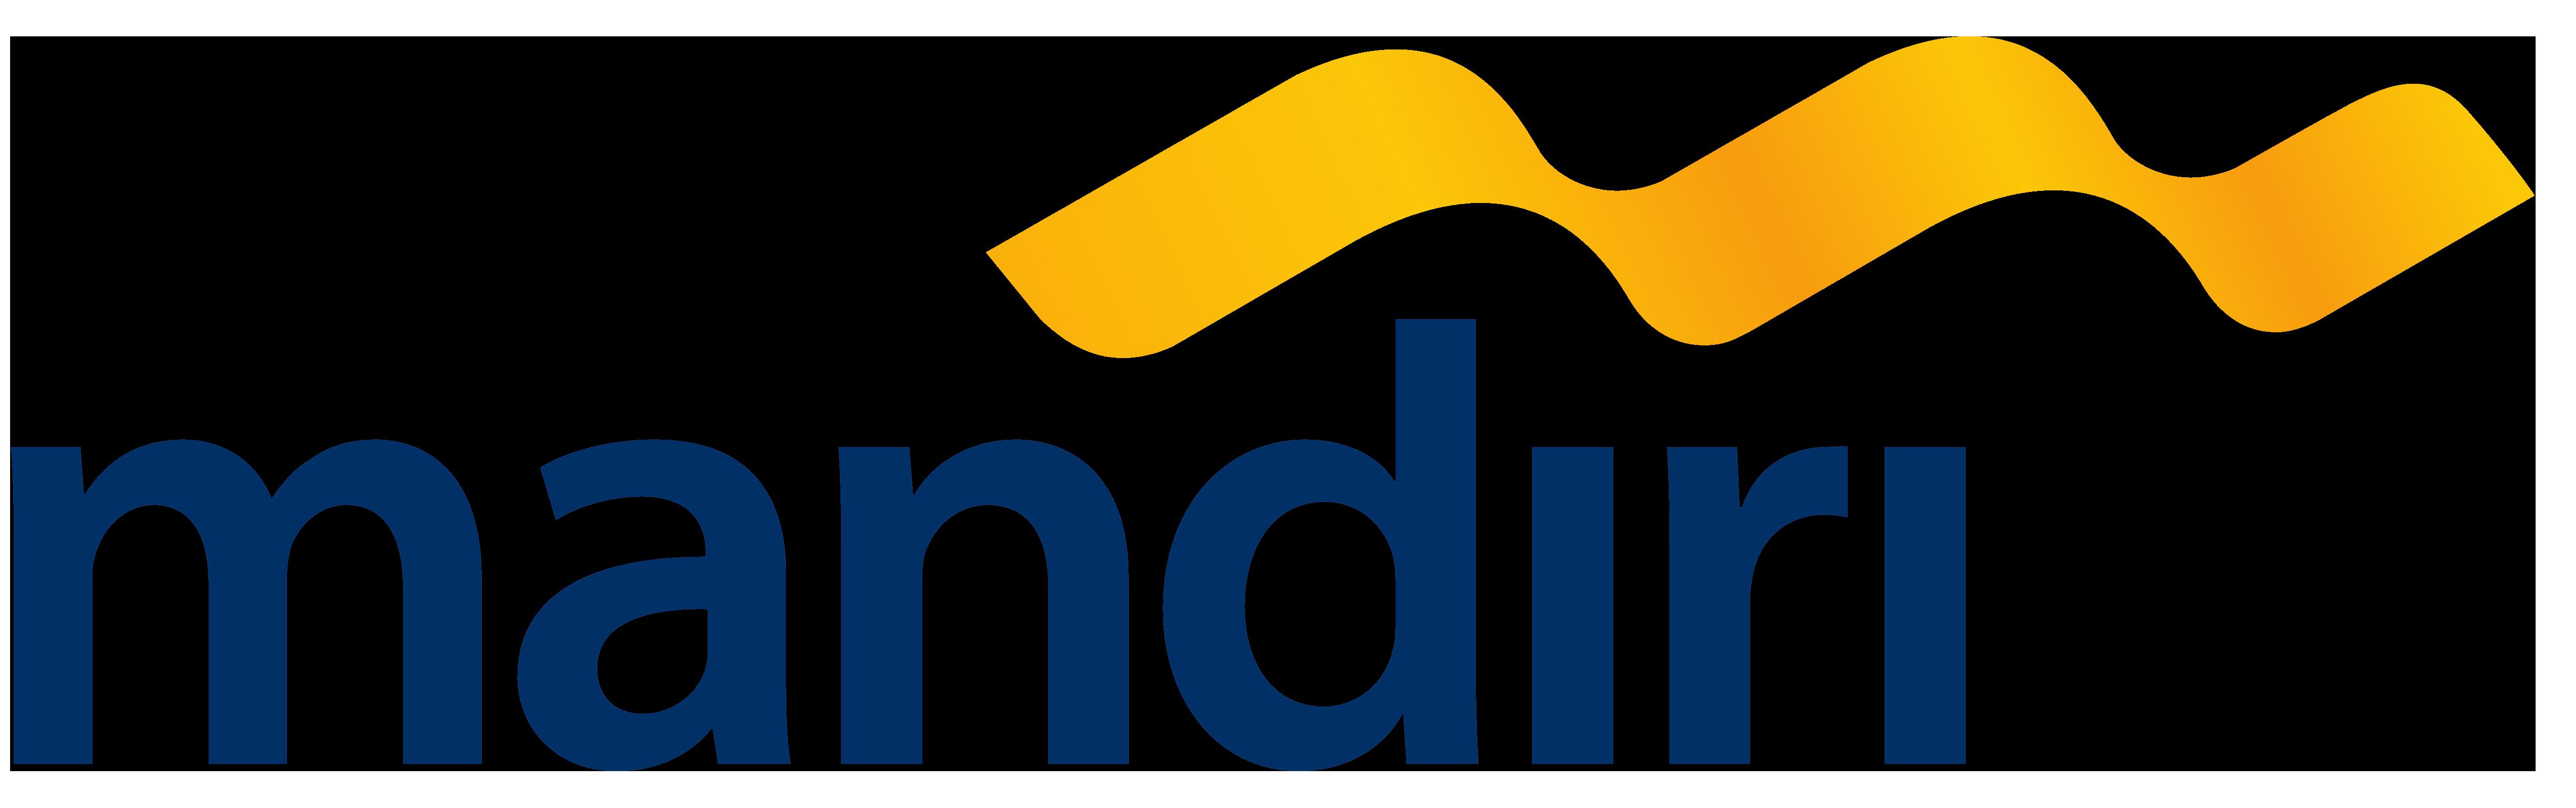 Mandiri Logos Download